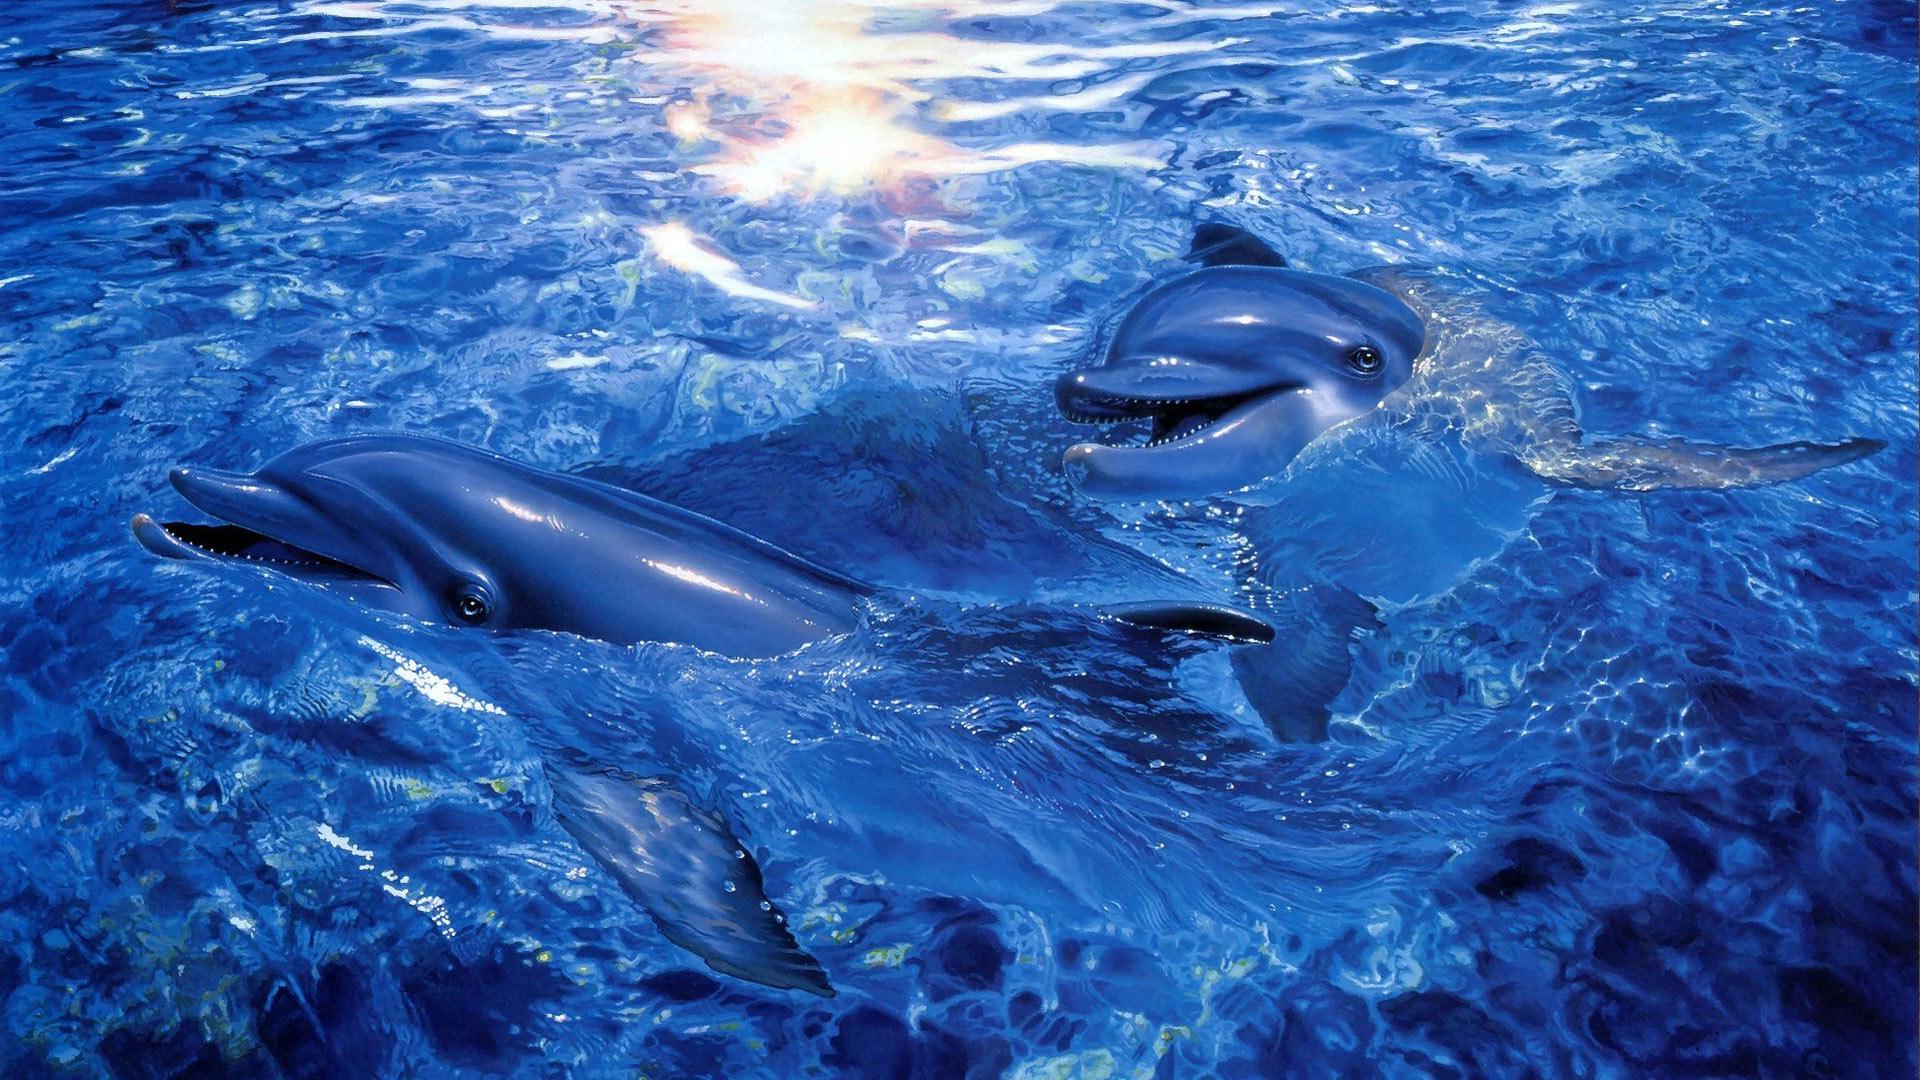 Высококачественные фотографии дельфинов